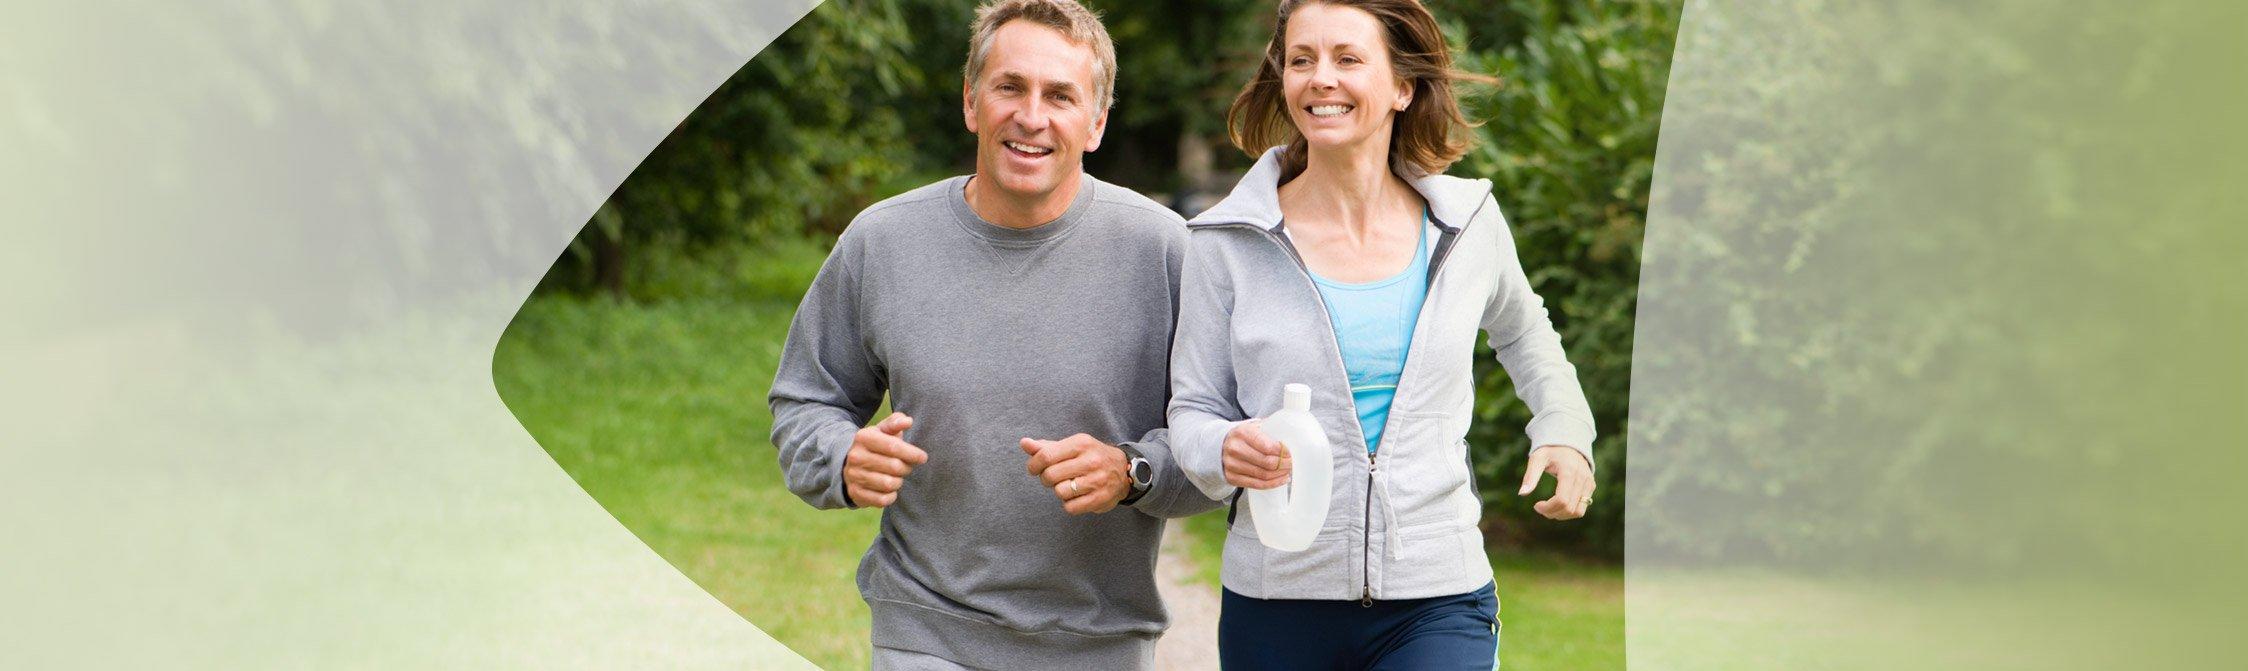 Zwei Jogger laufen durch den Park